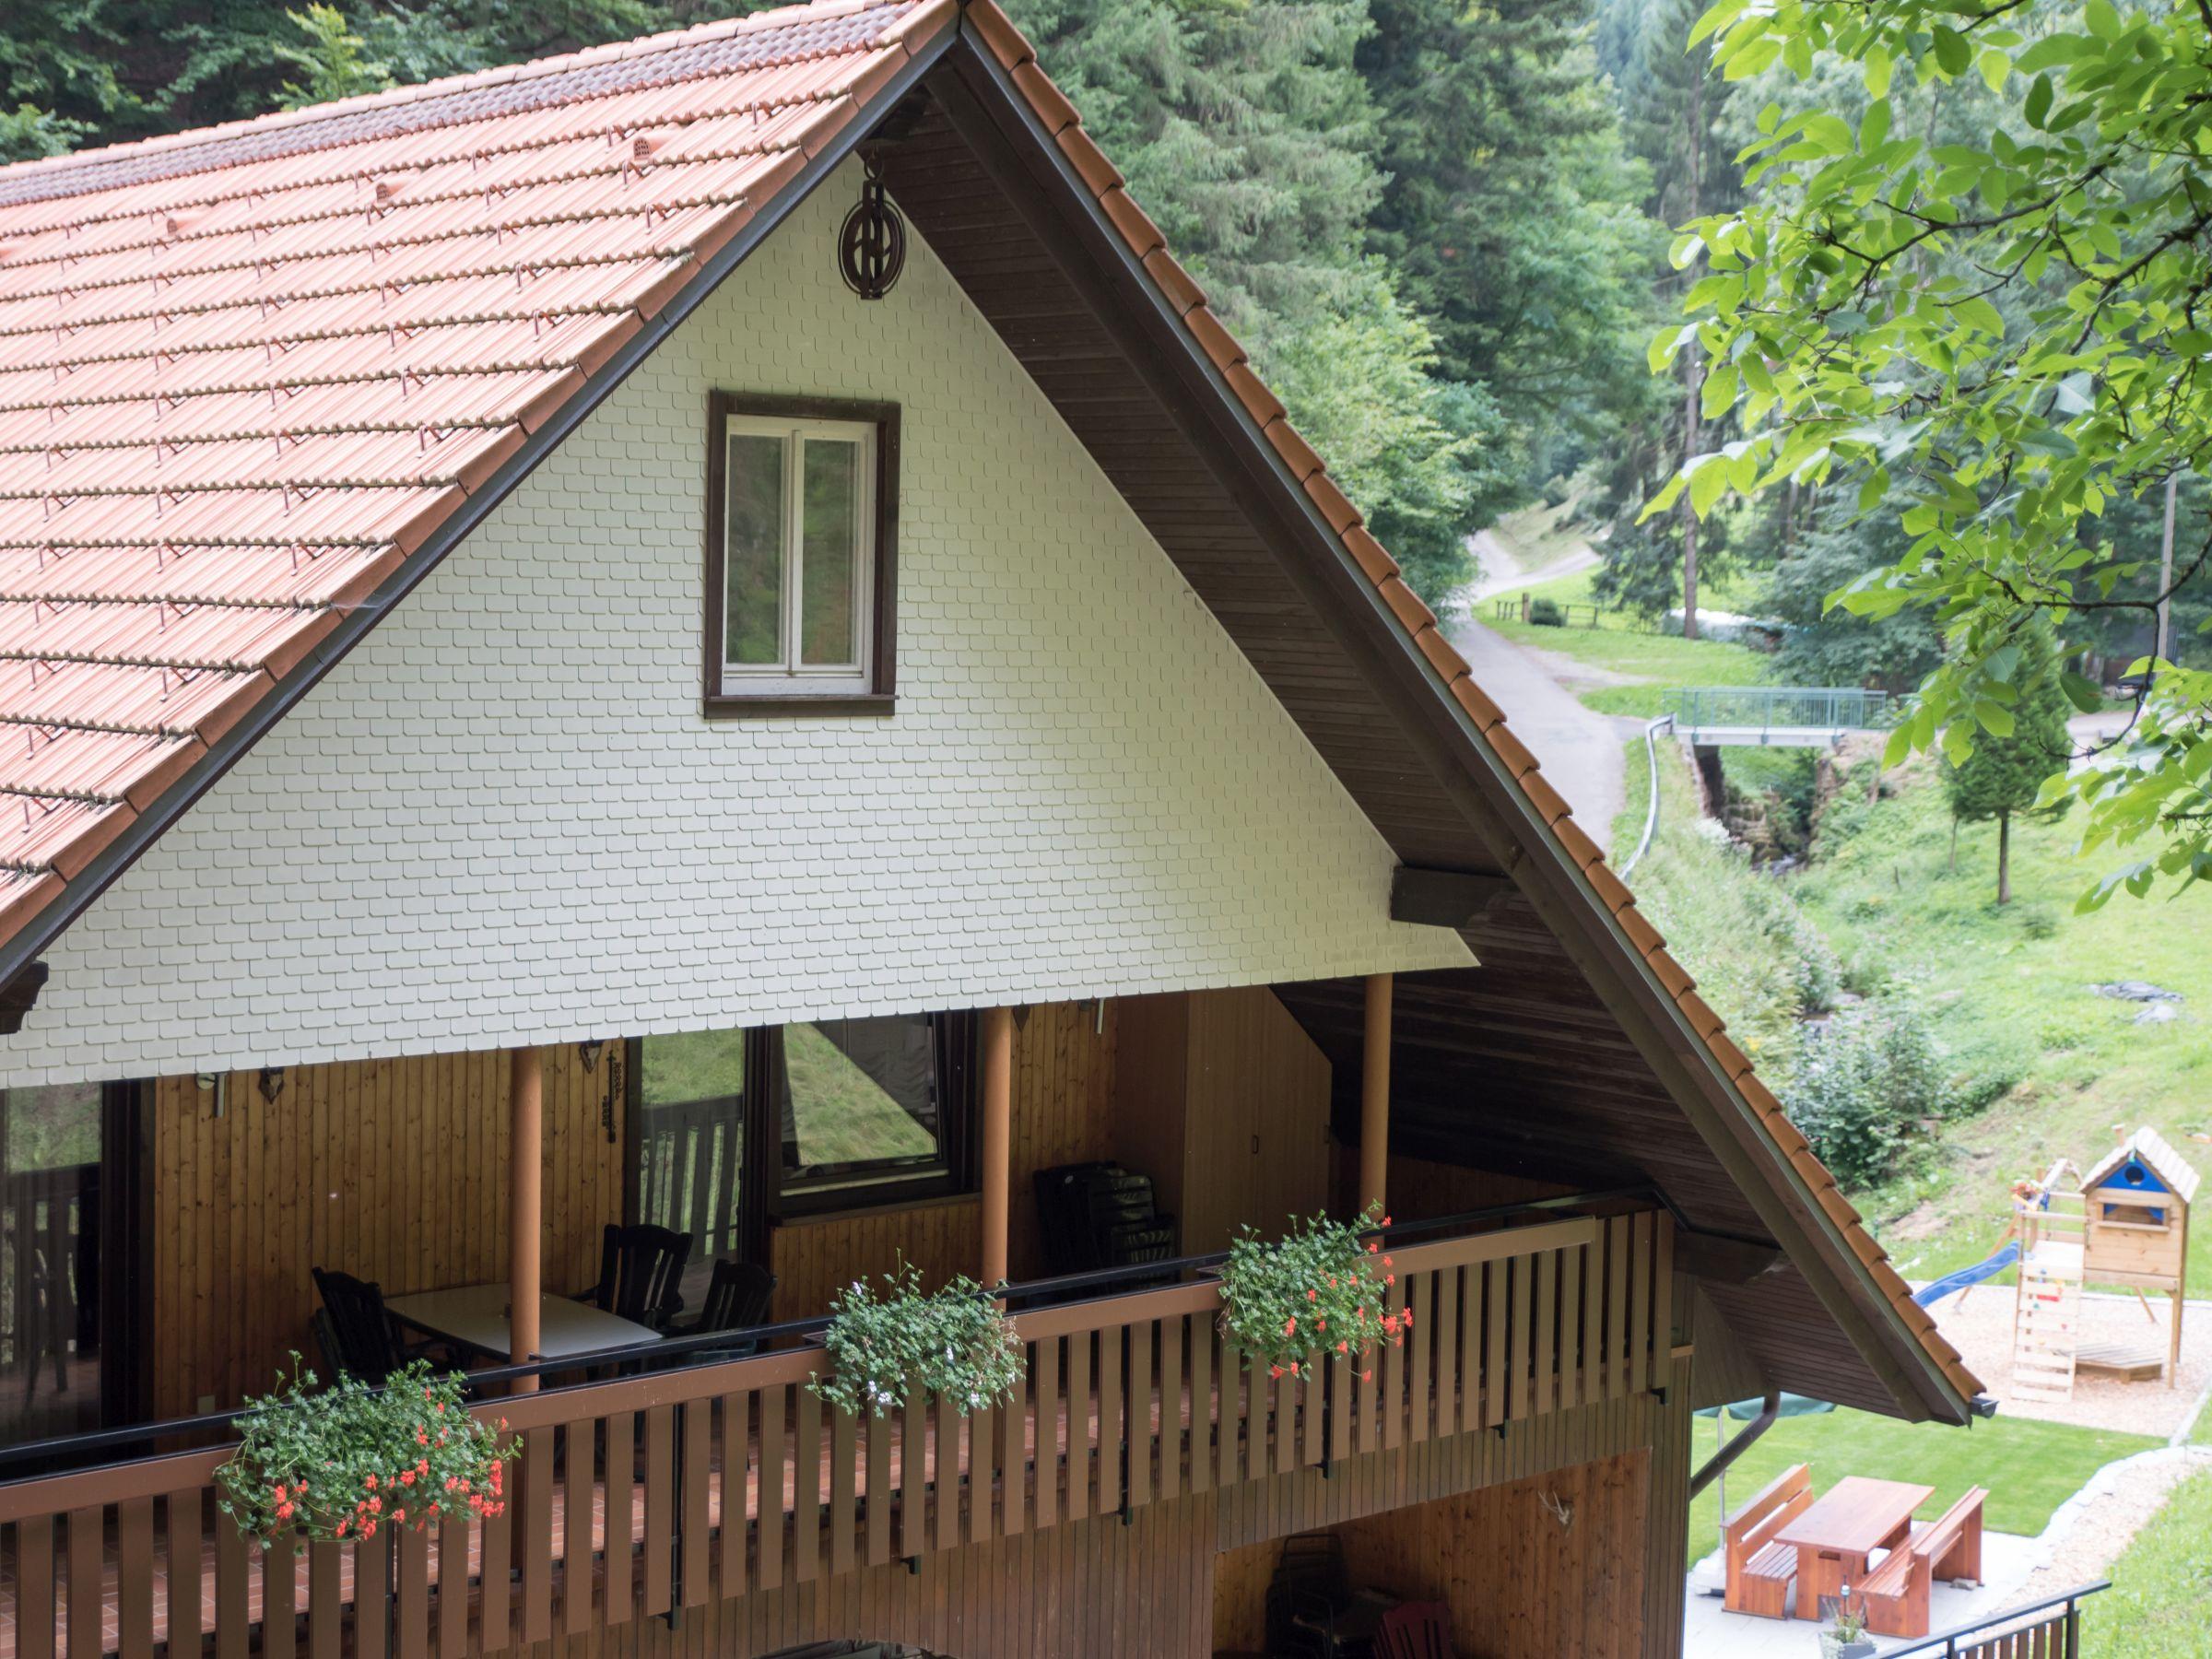 Ferienwohnungen Lioba Huber (Bad Peterstal-Griesba Ferienwohnung